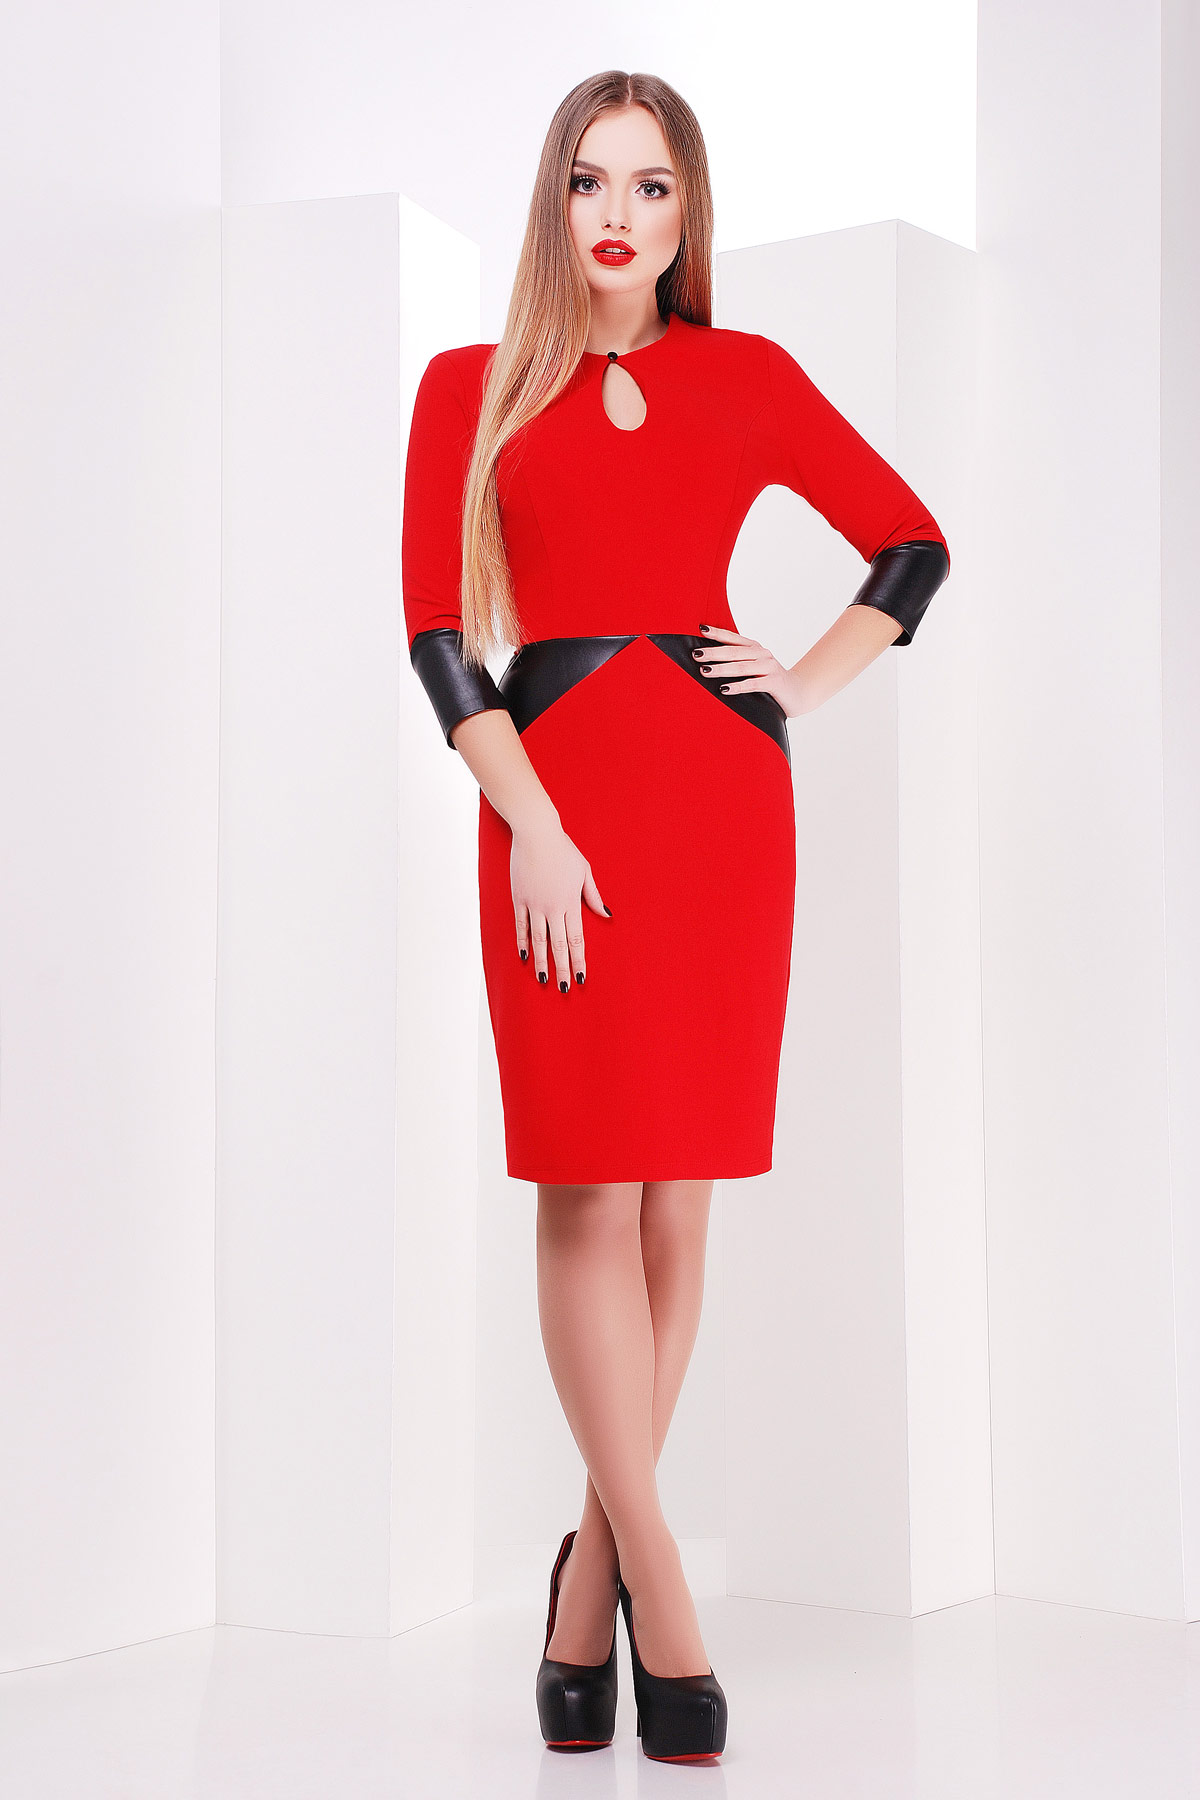 7482da77bbb Приталенное платье-футляр красного цвета с черными вставками из экокожи.  платье Макбет д